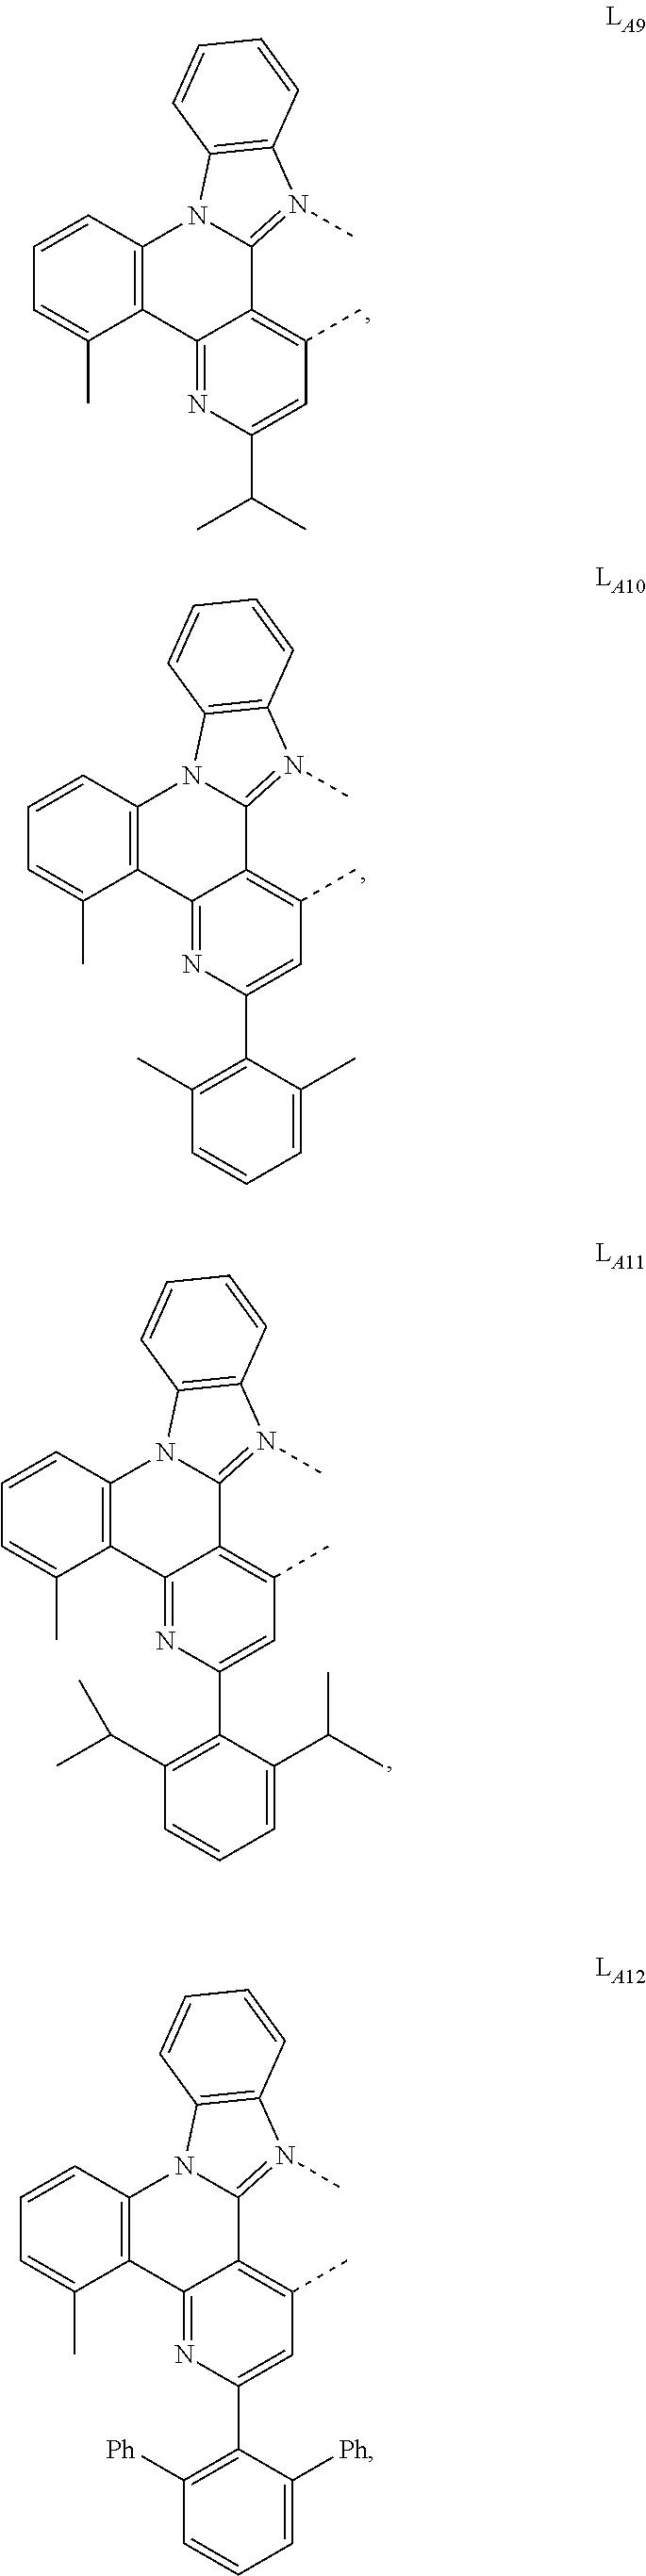 Figure US09905785-20180227-C00026